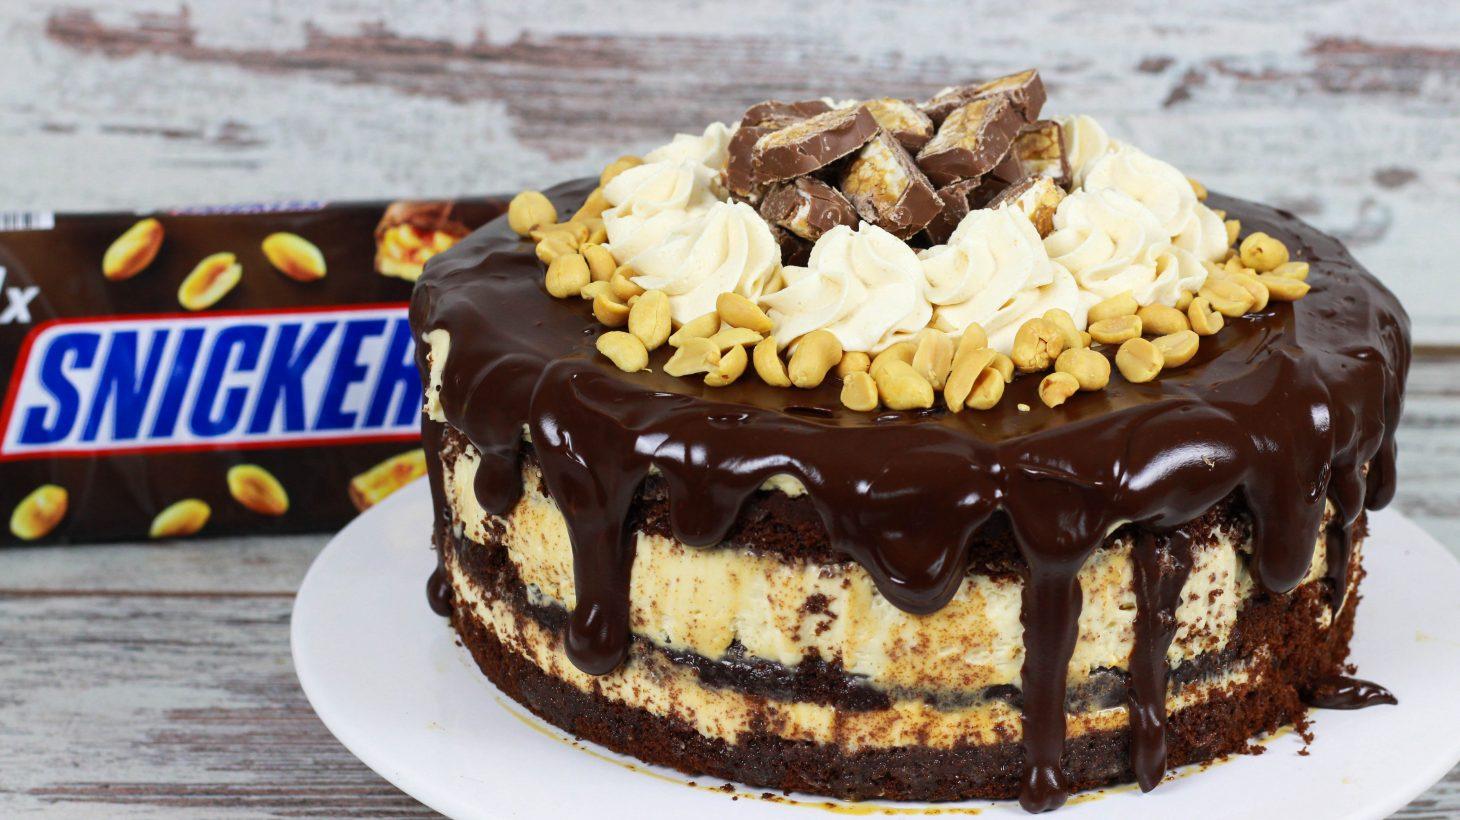 snickers kuchen torte